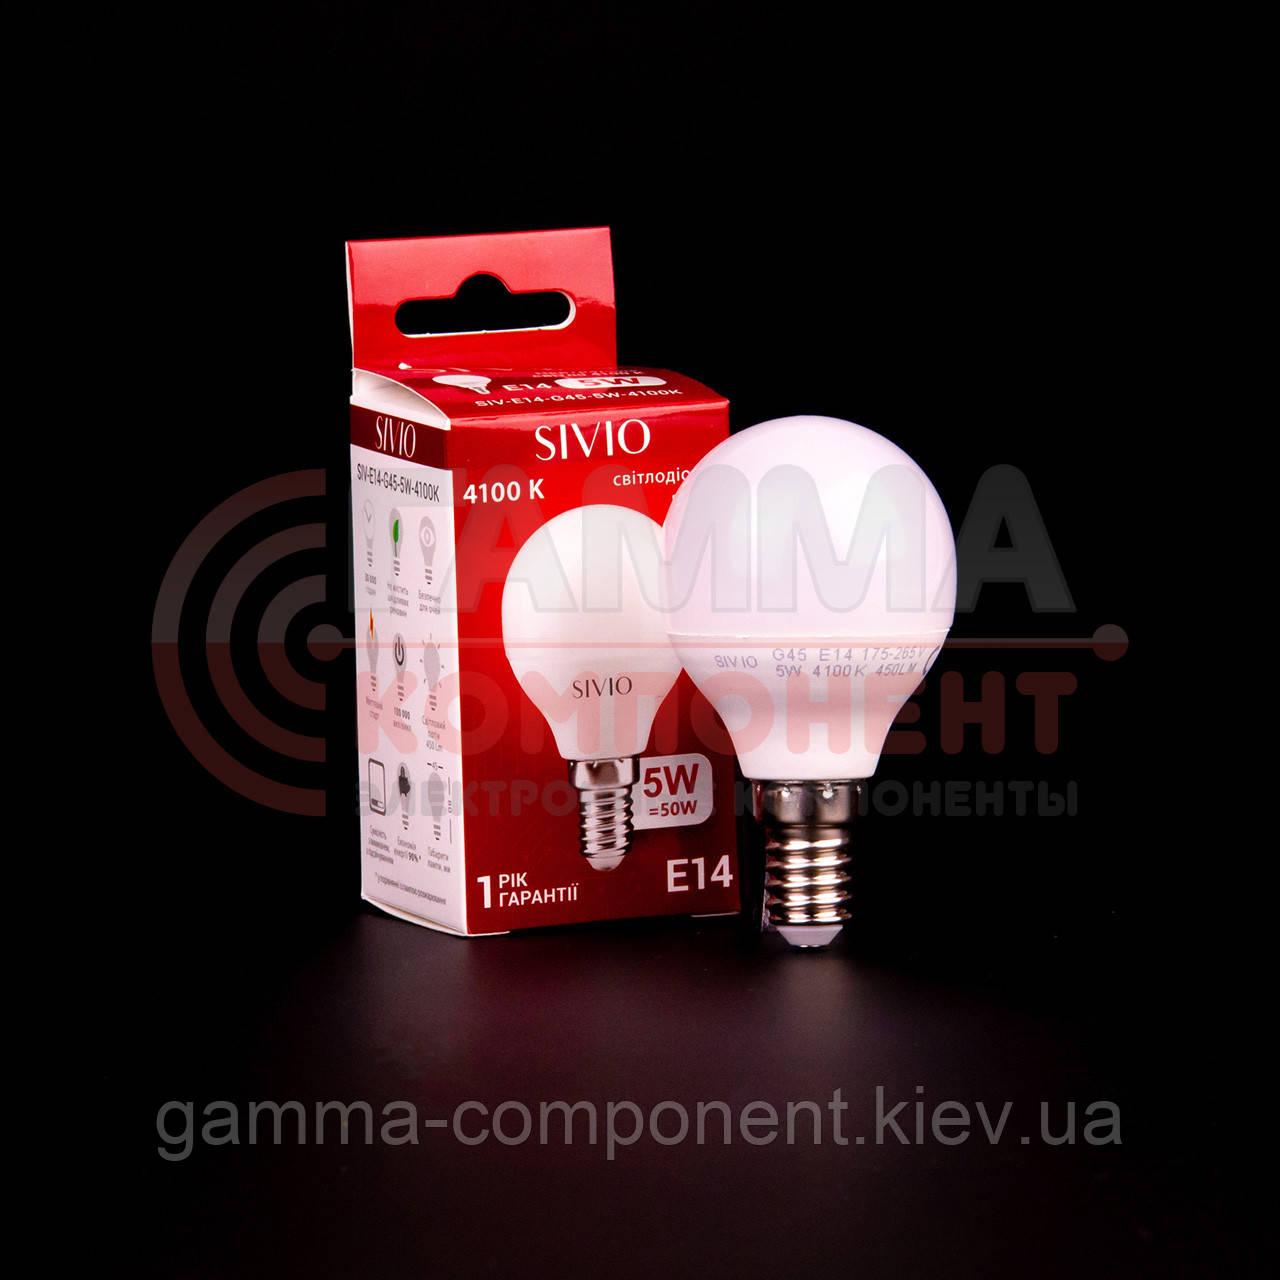 Светодиодная лампа SIVIO G45 5W, E14, 4100K, нейтральный белый